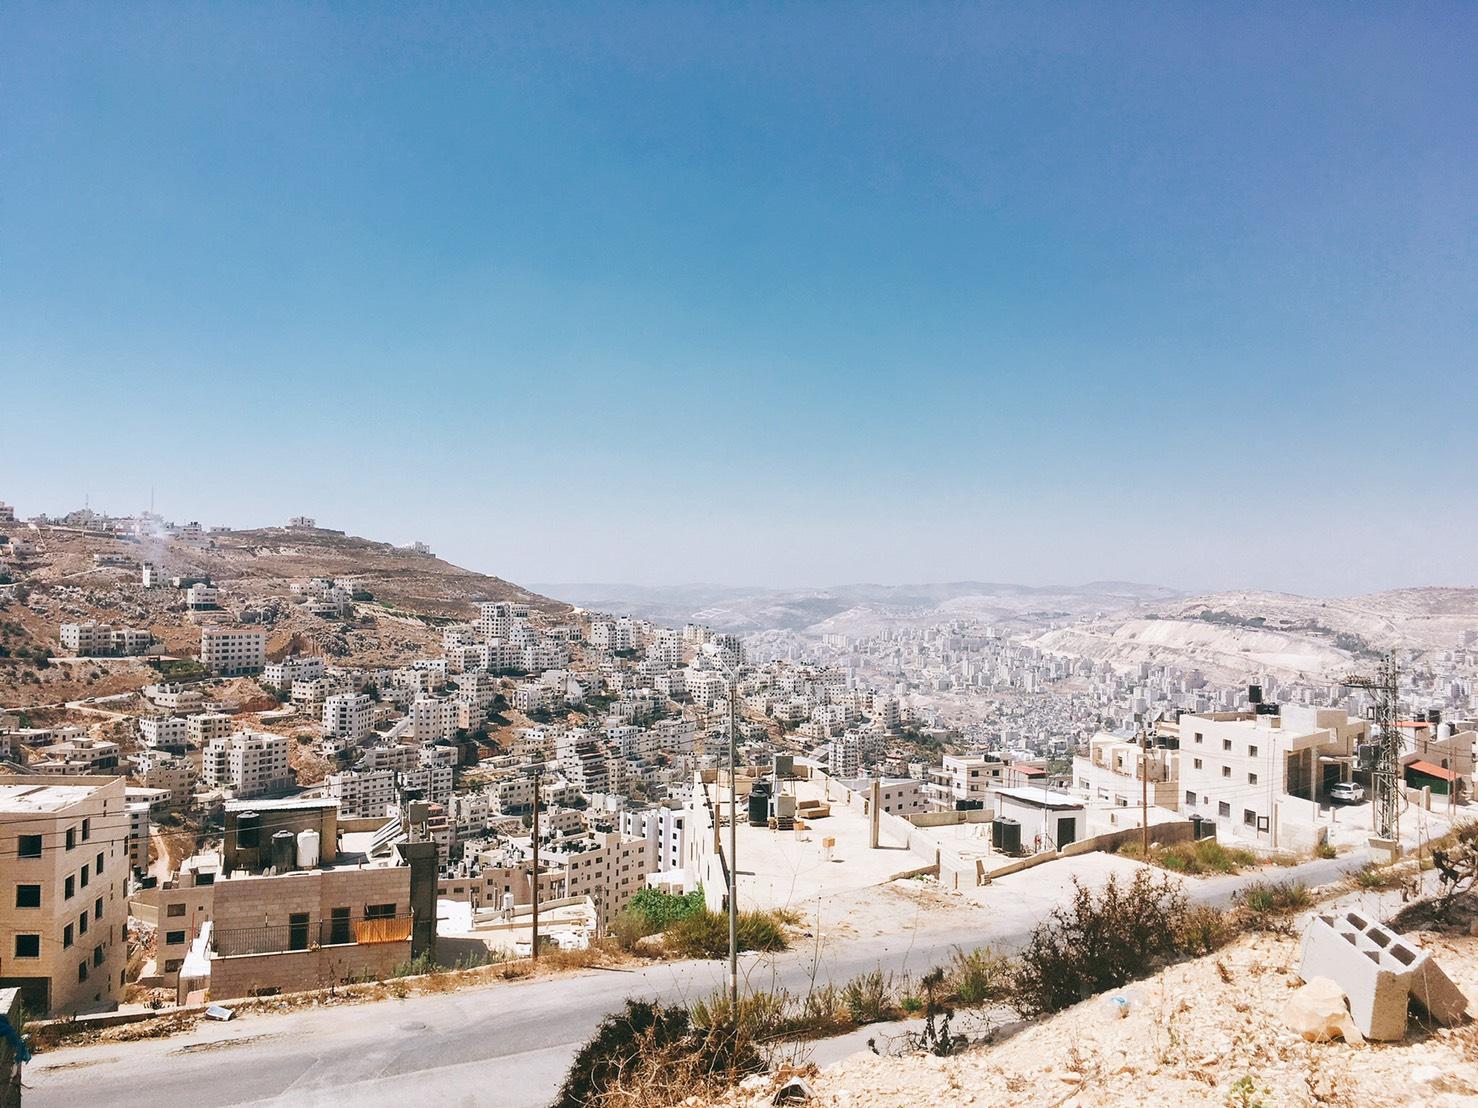 S  13156429 - パレスチナという地での生活<br>【長期連載〜パレスチナの今〜第2回】